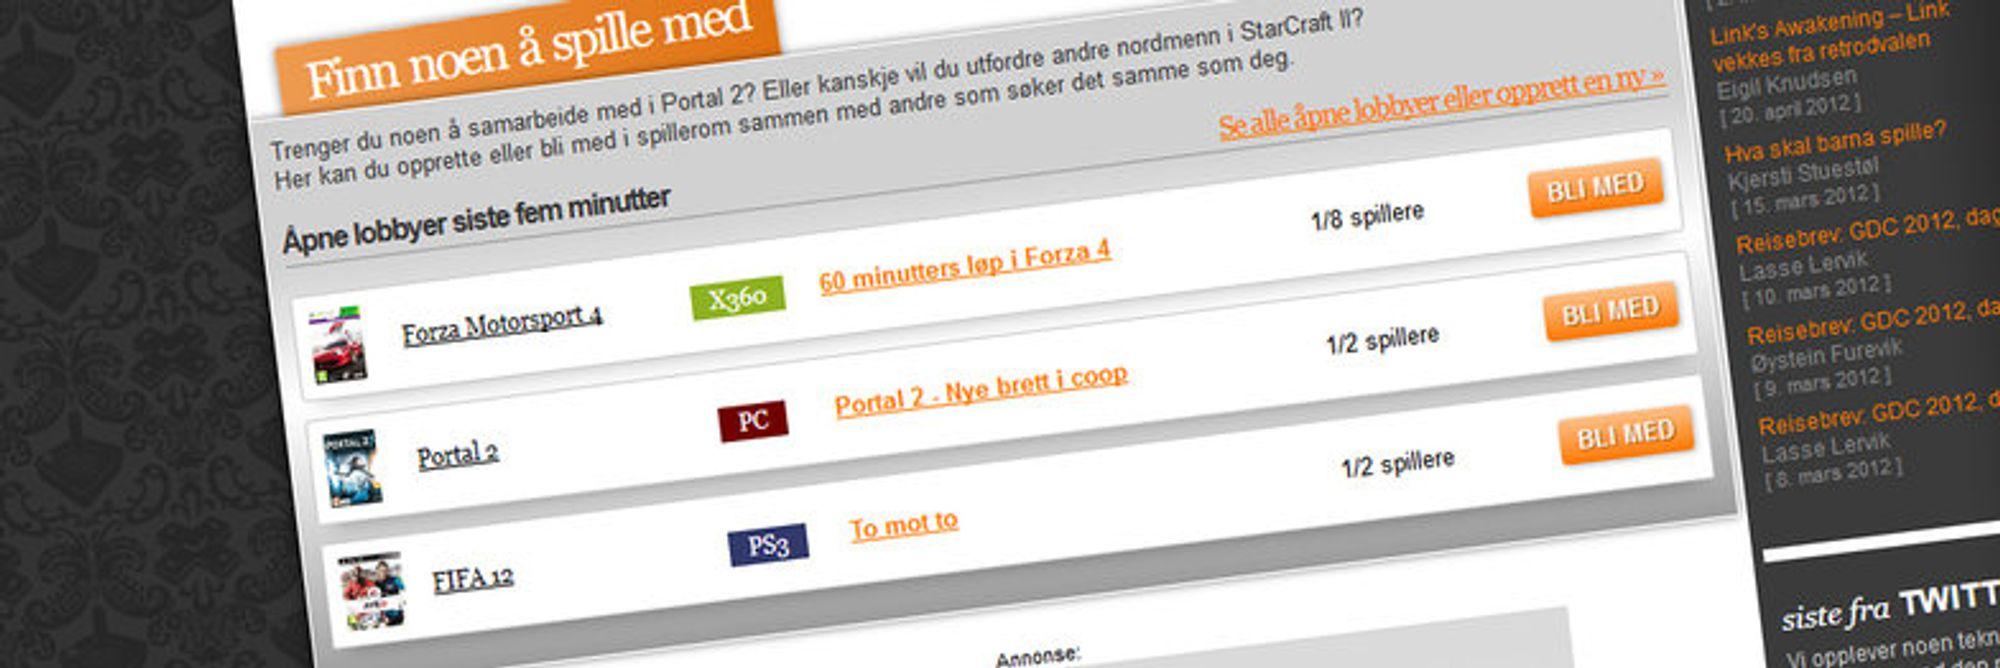 dating engelsk patent tall Gratis brevvenn Dating Sites